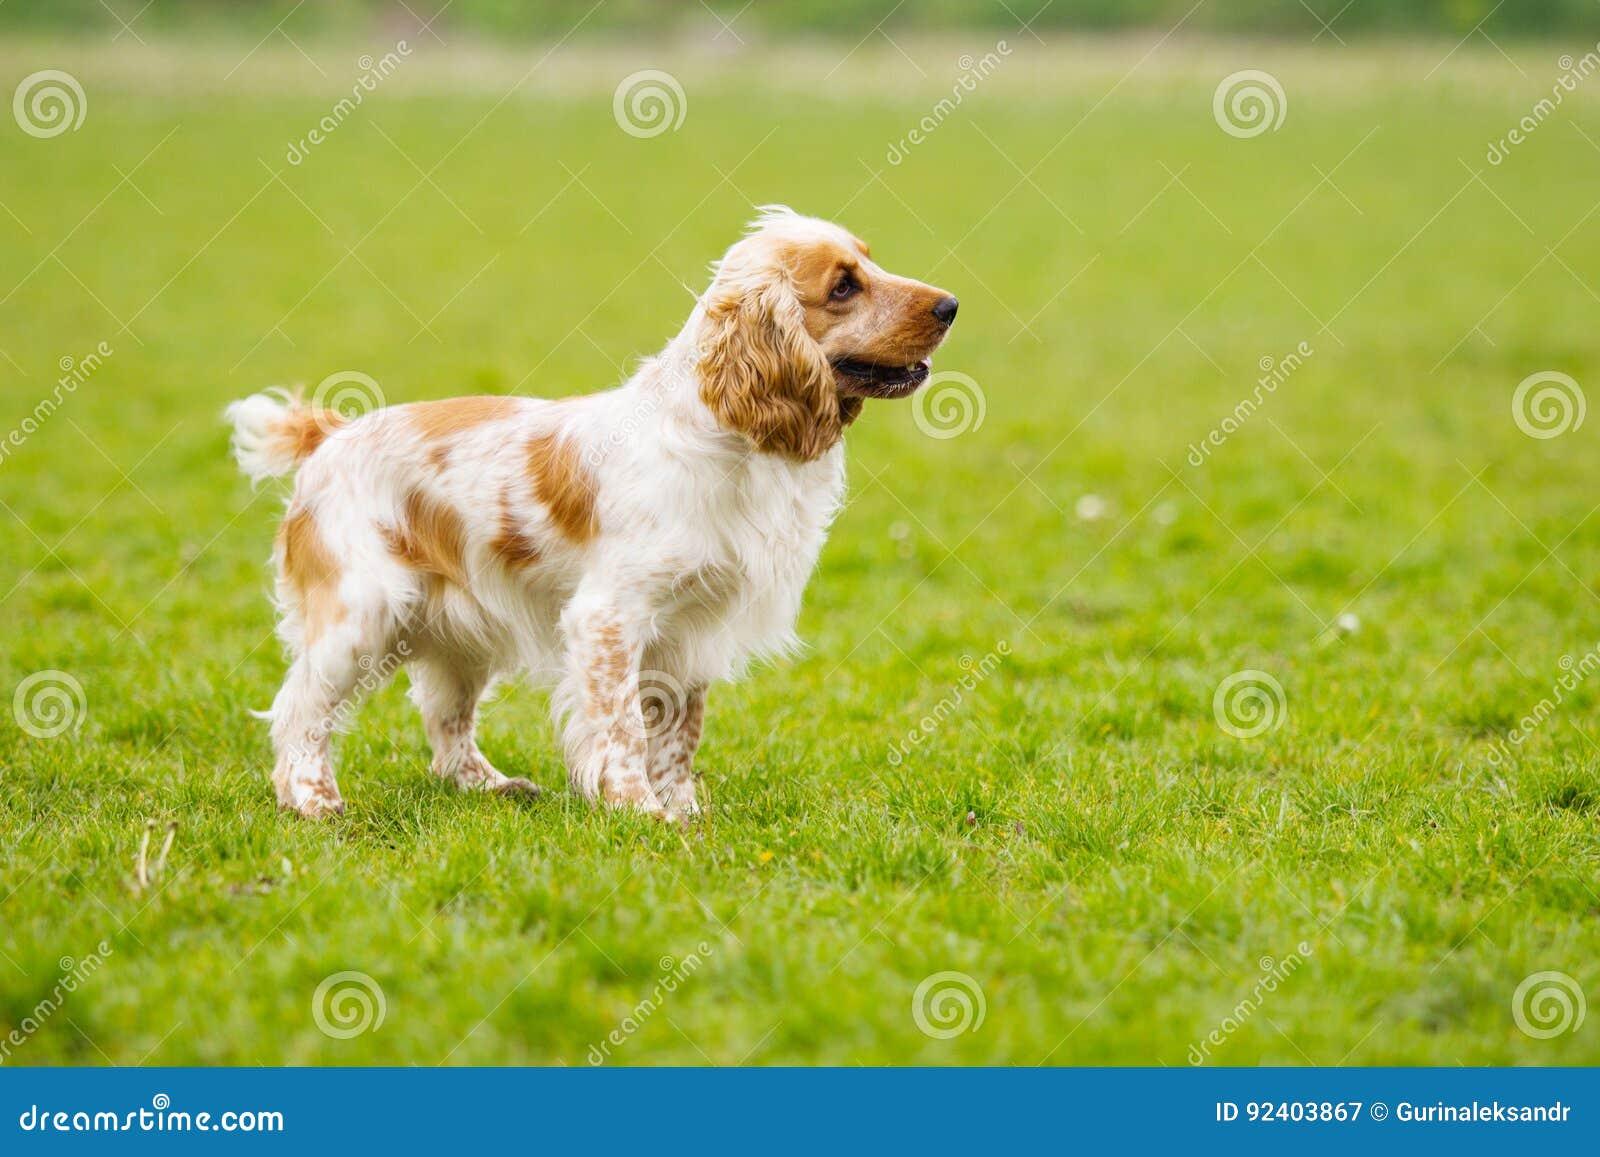 Hond die zijdelings eruit zien